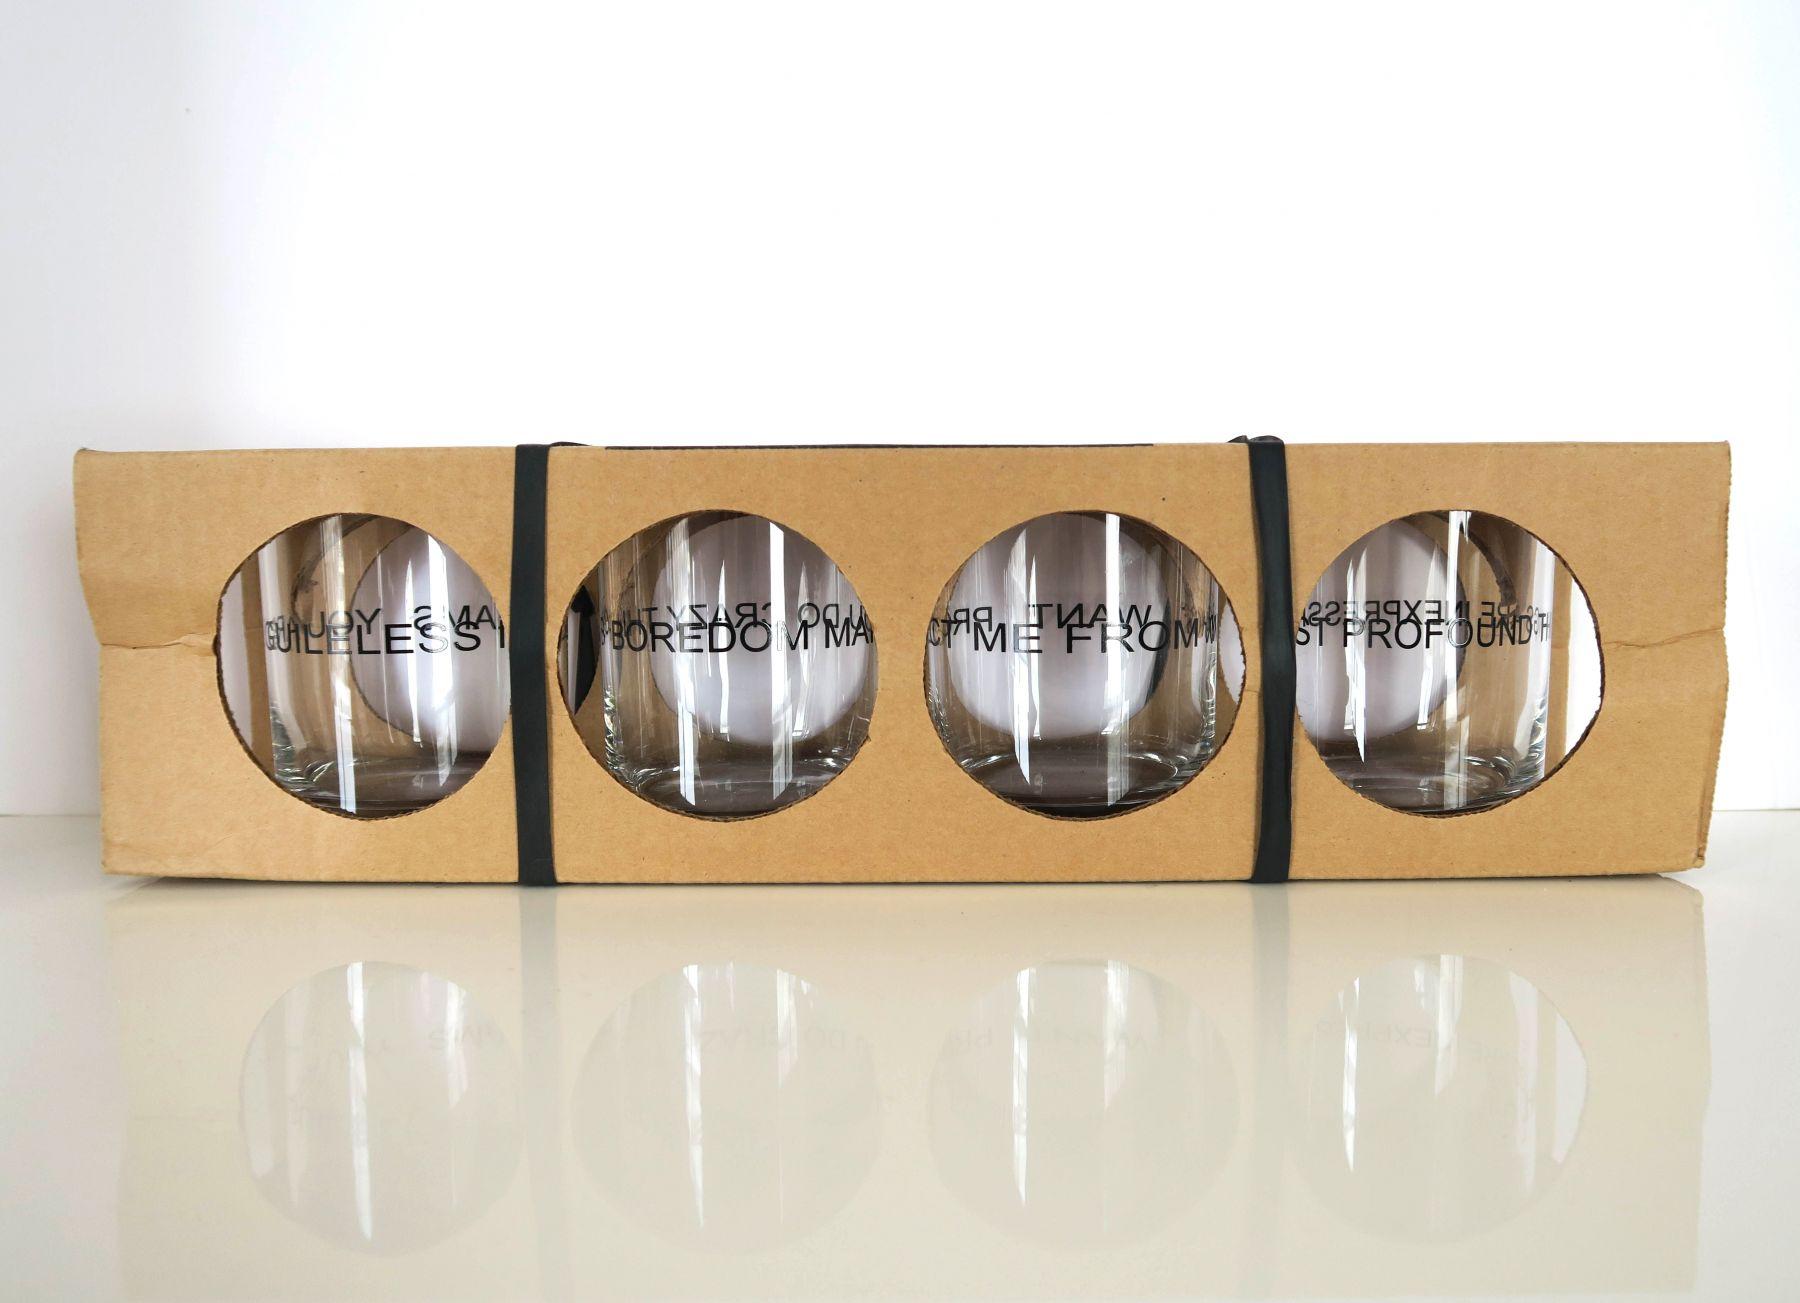 Jenny Holzer, Truisms glasses, Alternate Projects